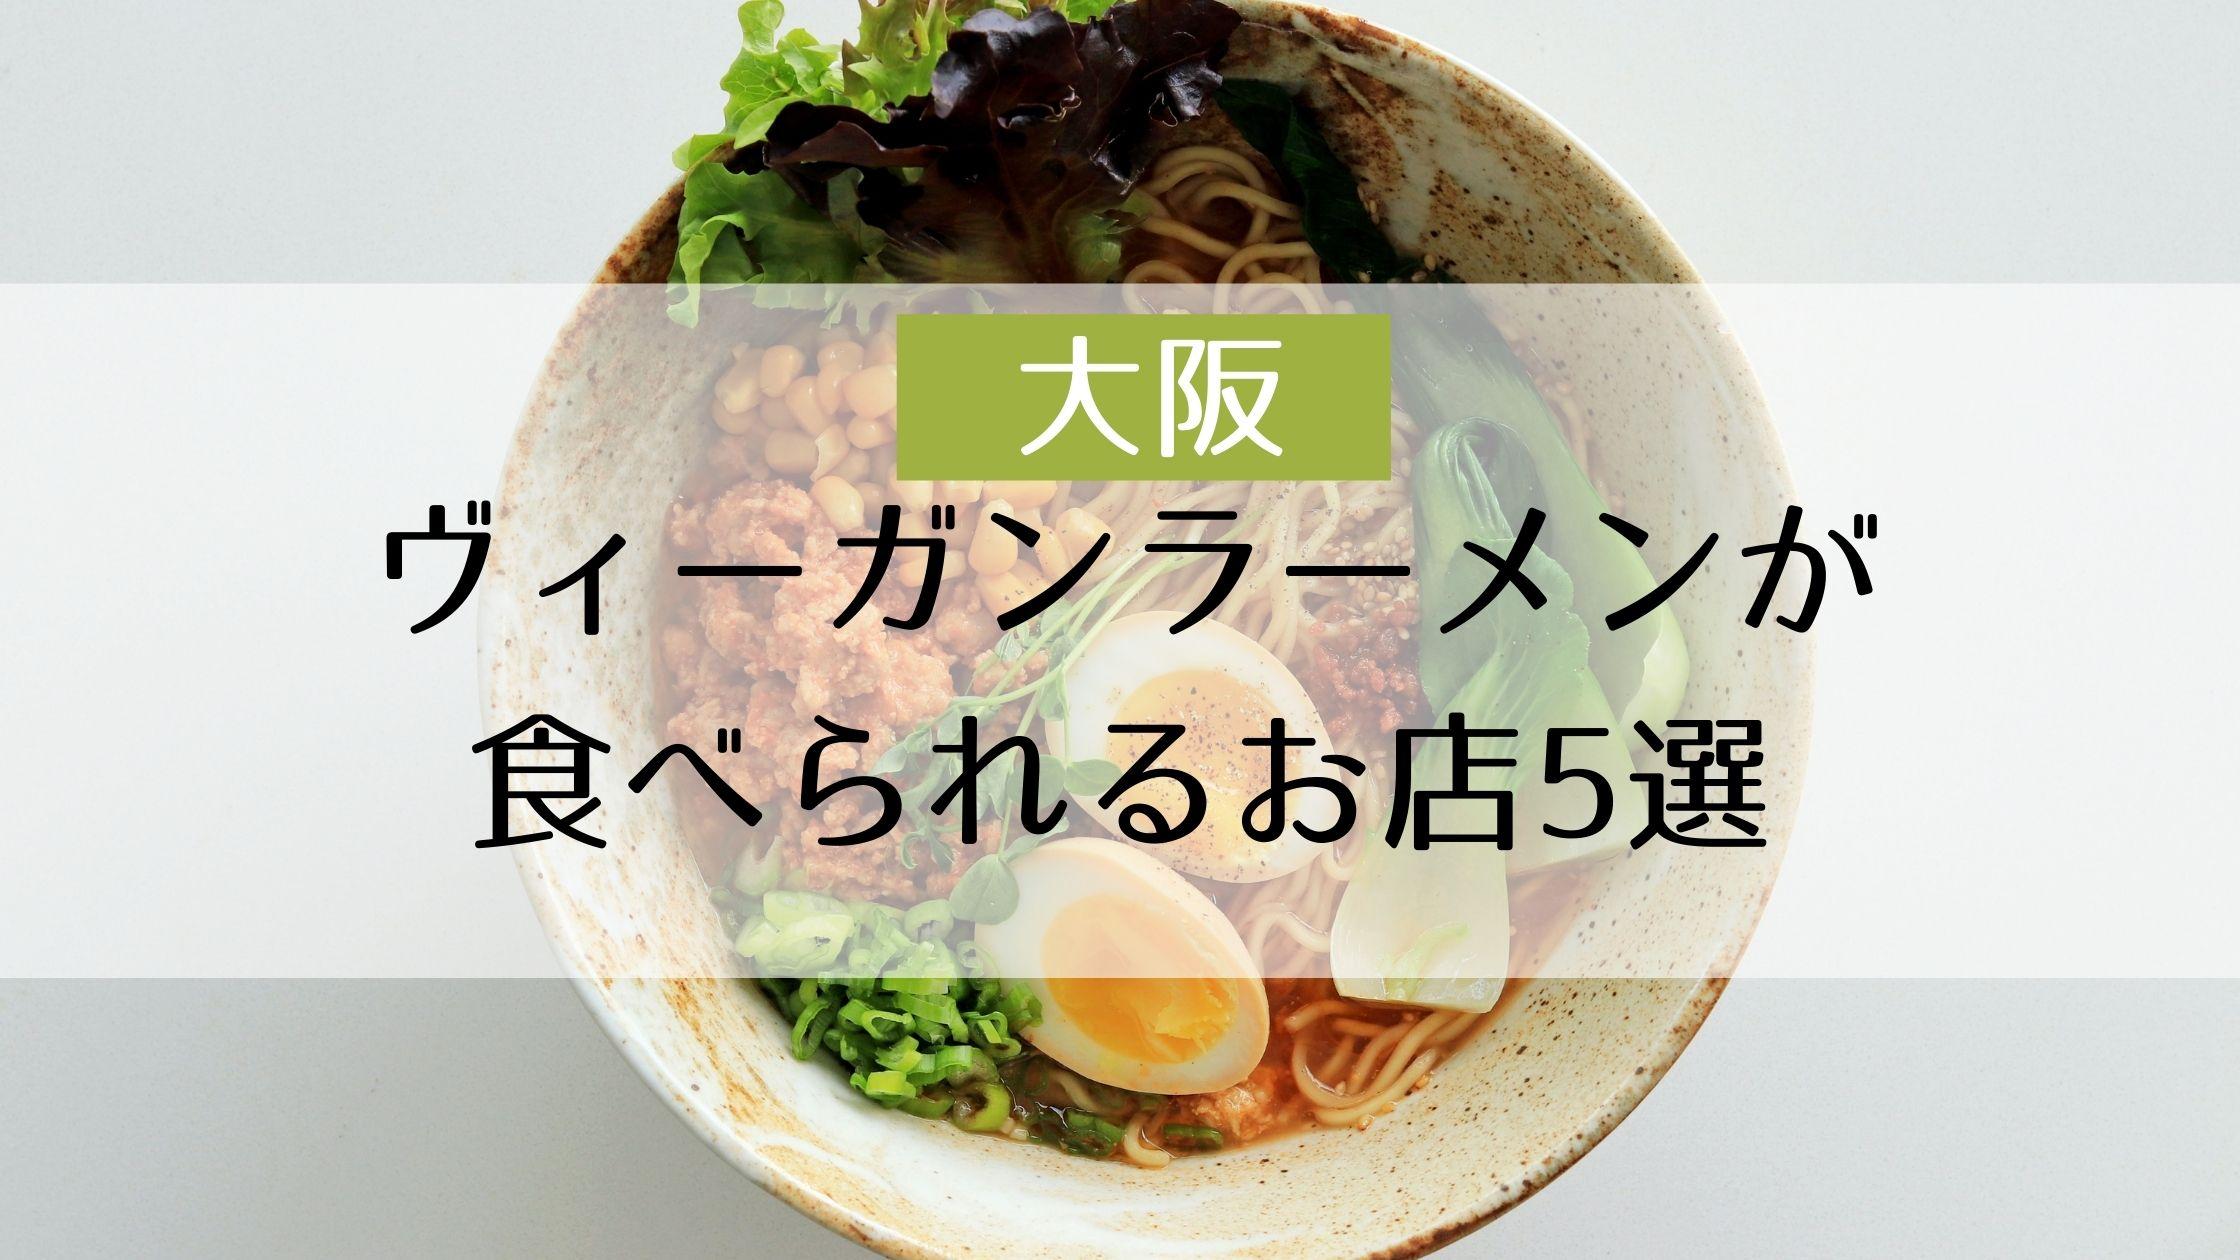 ヴィーガンラーメン 大阪